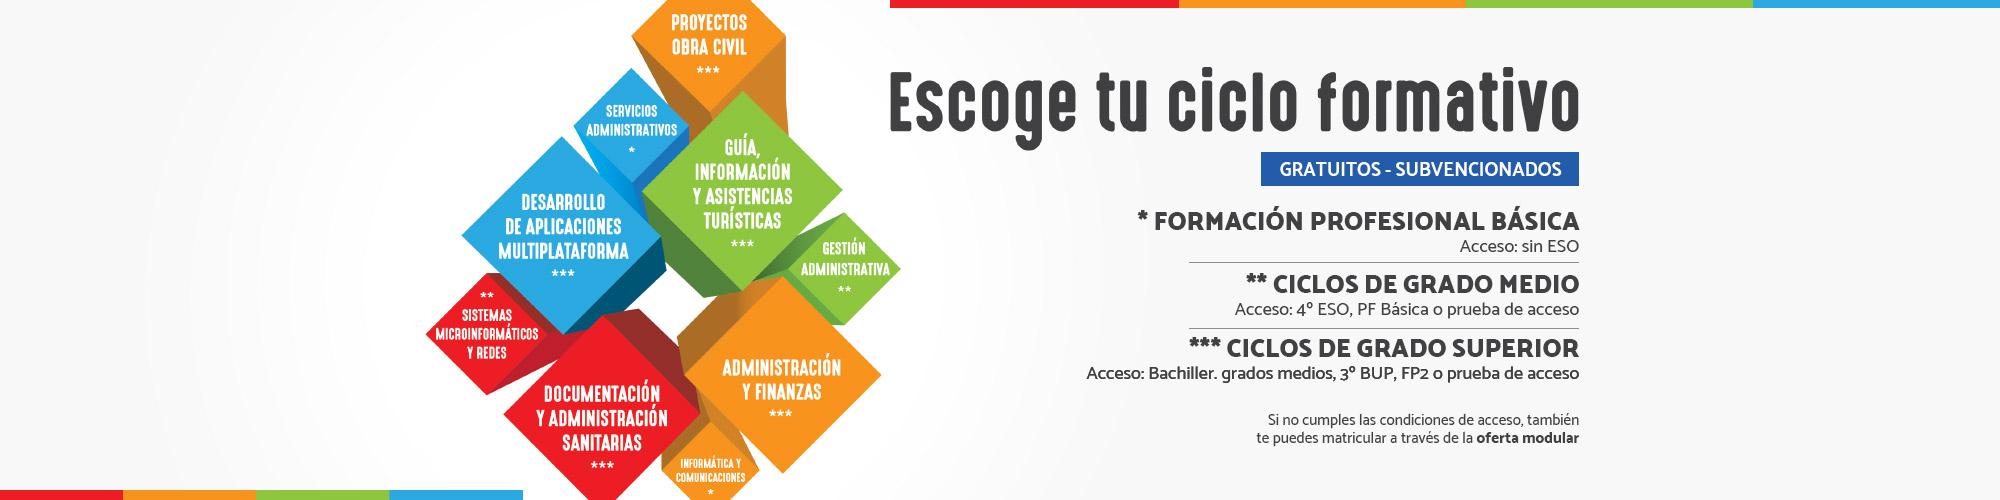 Academia crespo Escoge tu ciclo formativo: Básico, medio, superior